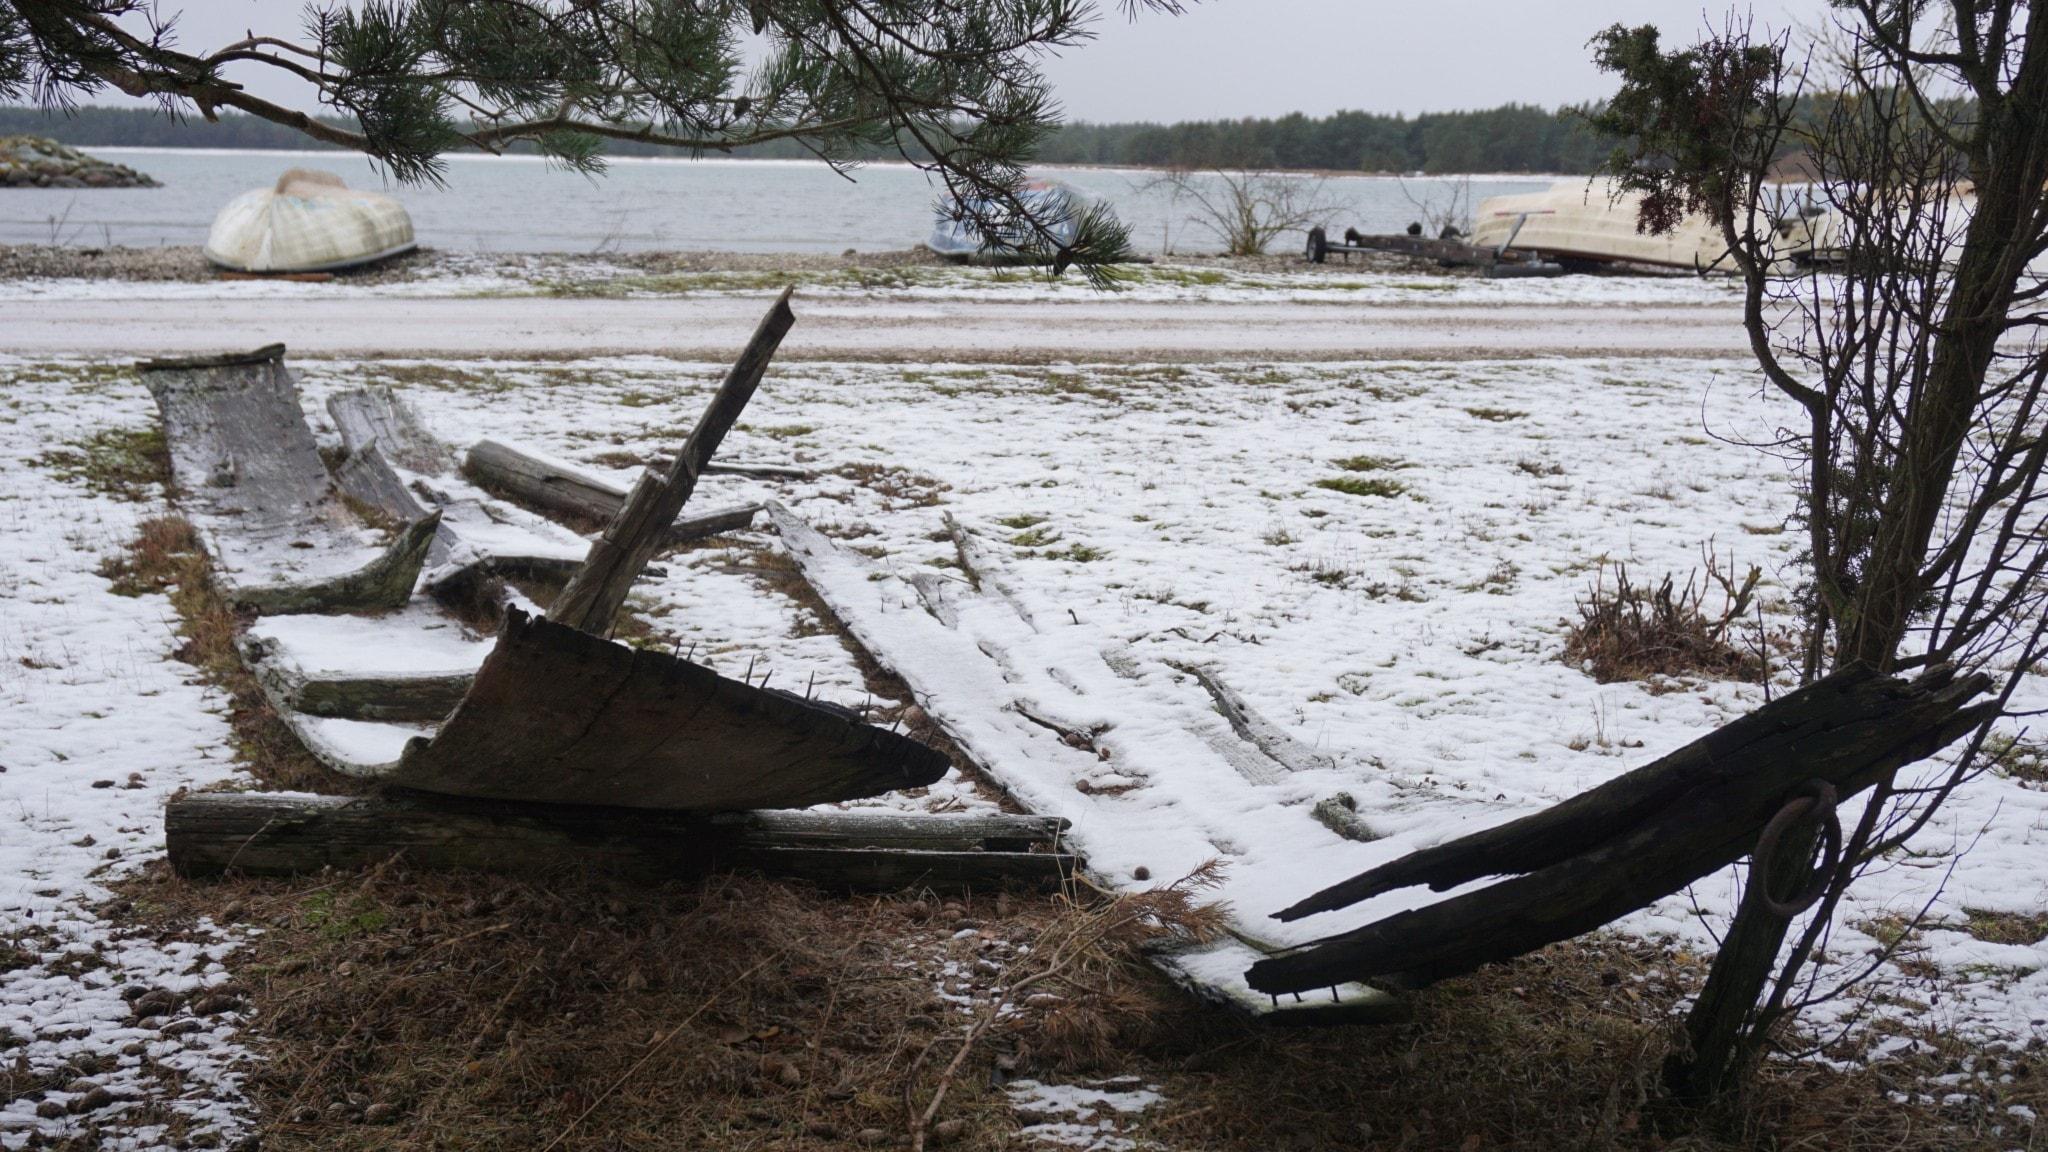 Rester av en flyktbåt vid Sjaustru, Gotland